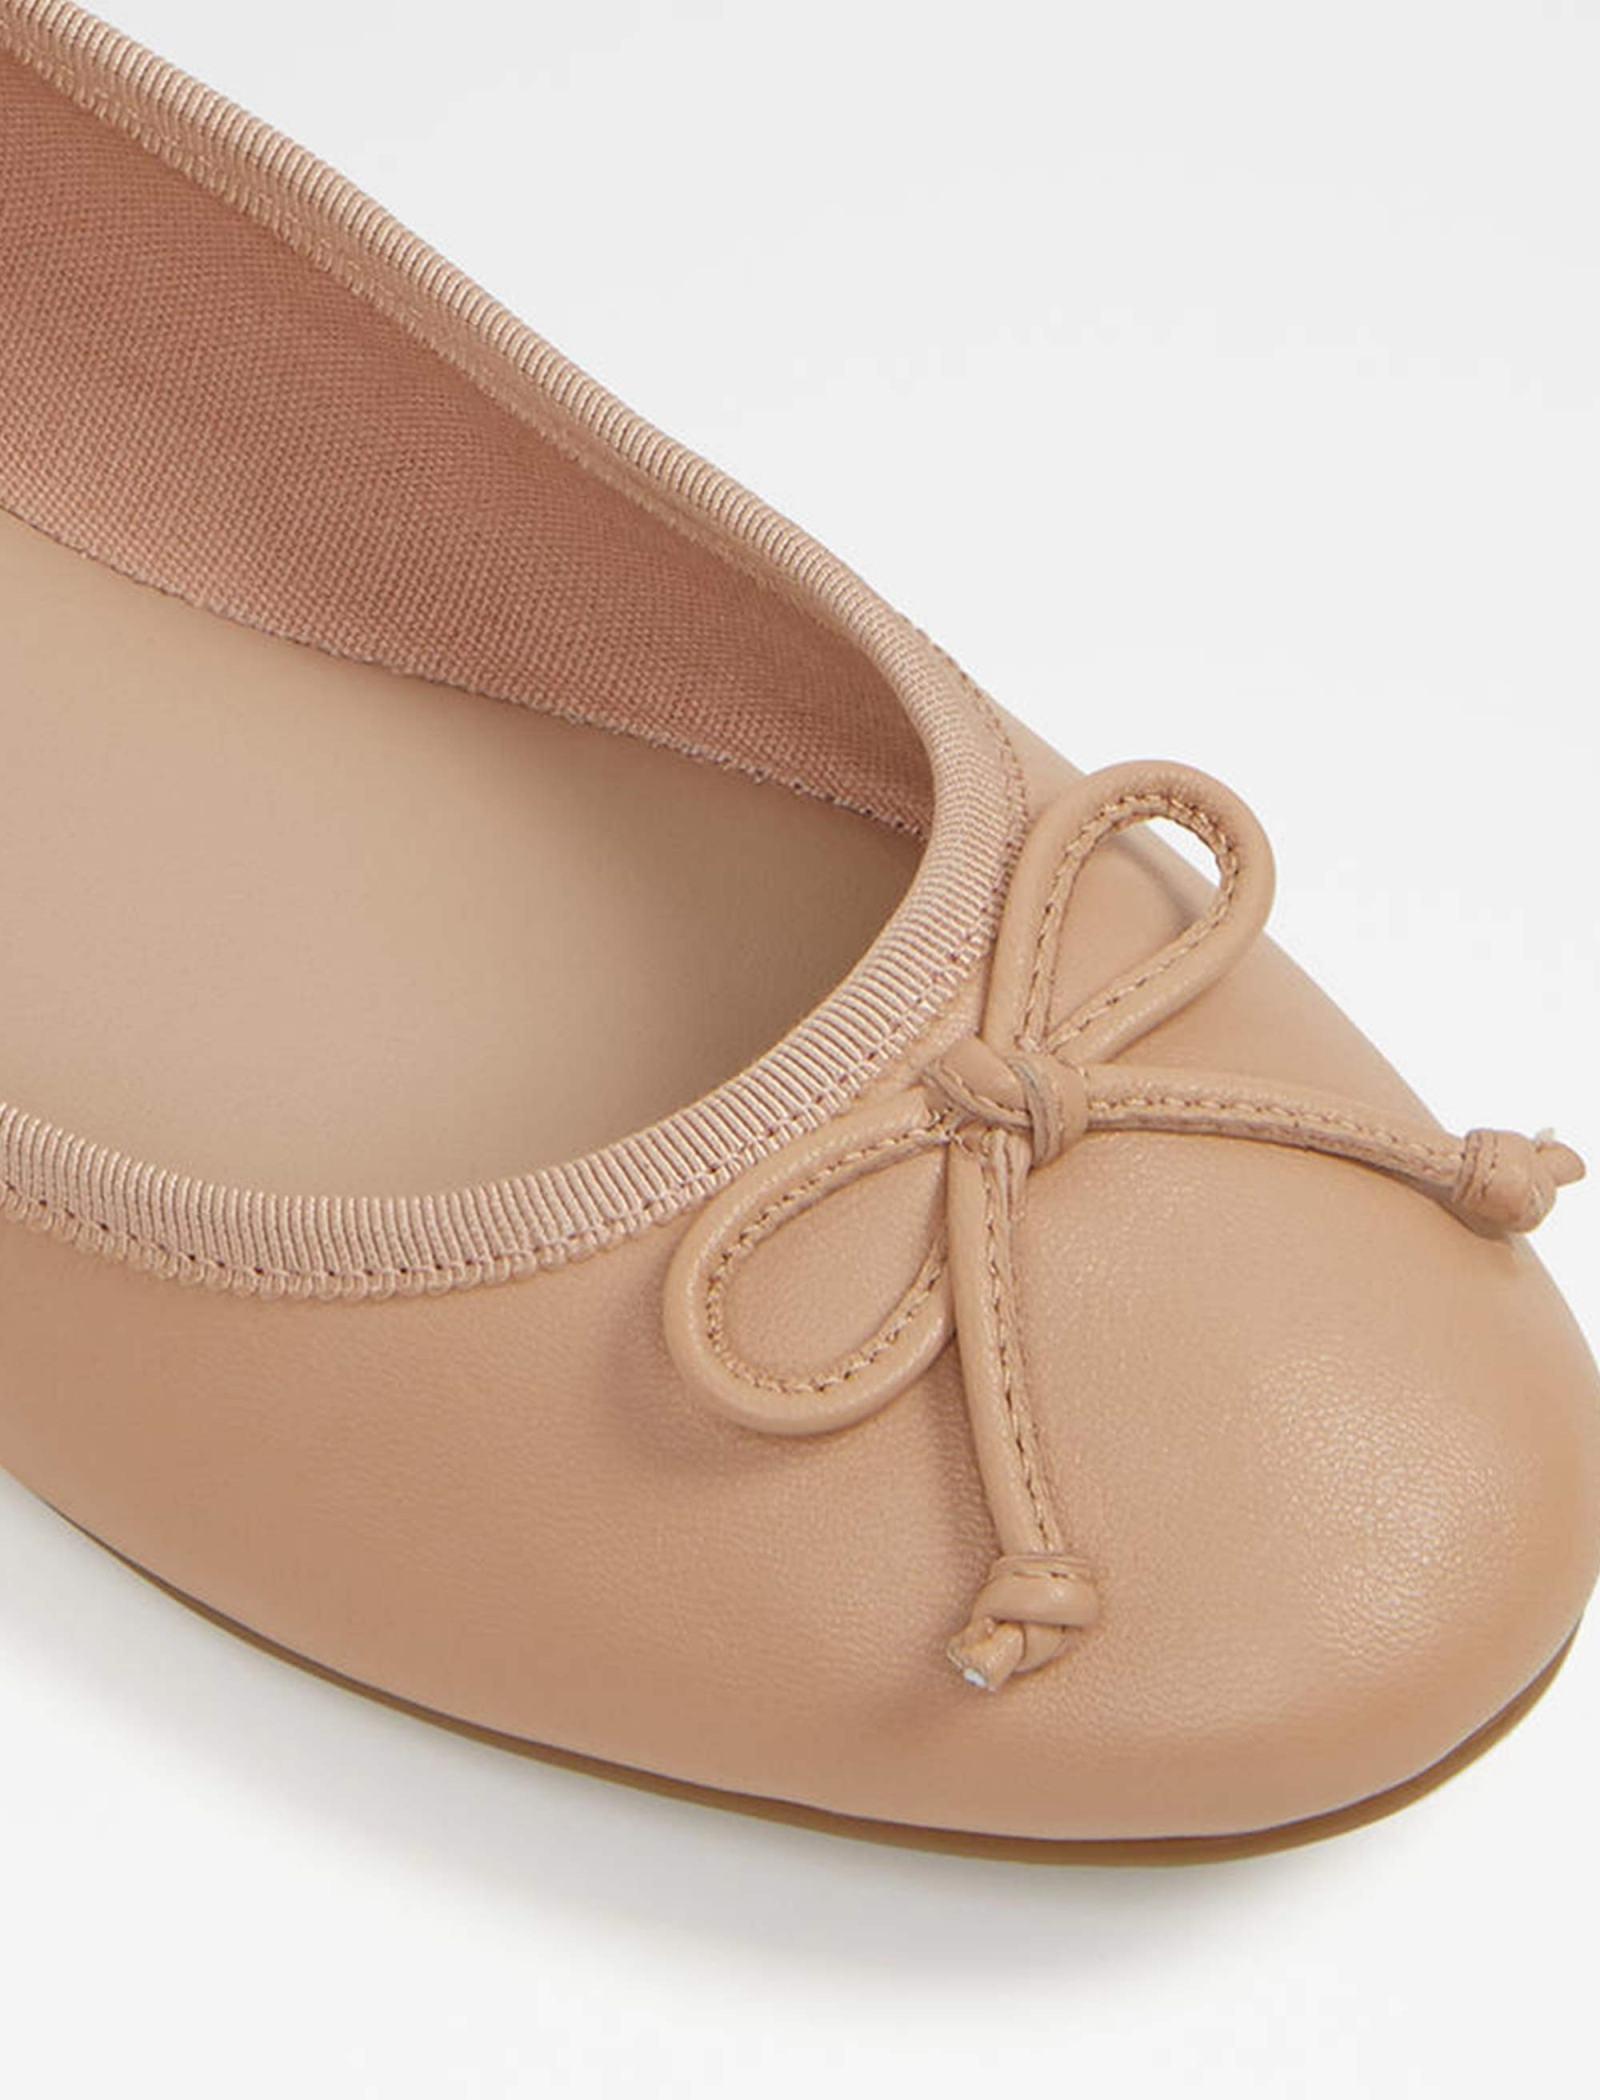 کفش تخت عروسکی چرم زنانه - آلدو - کرم - 4